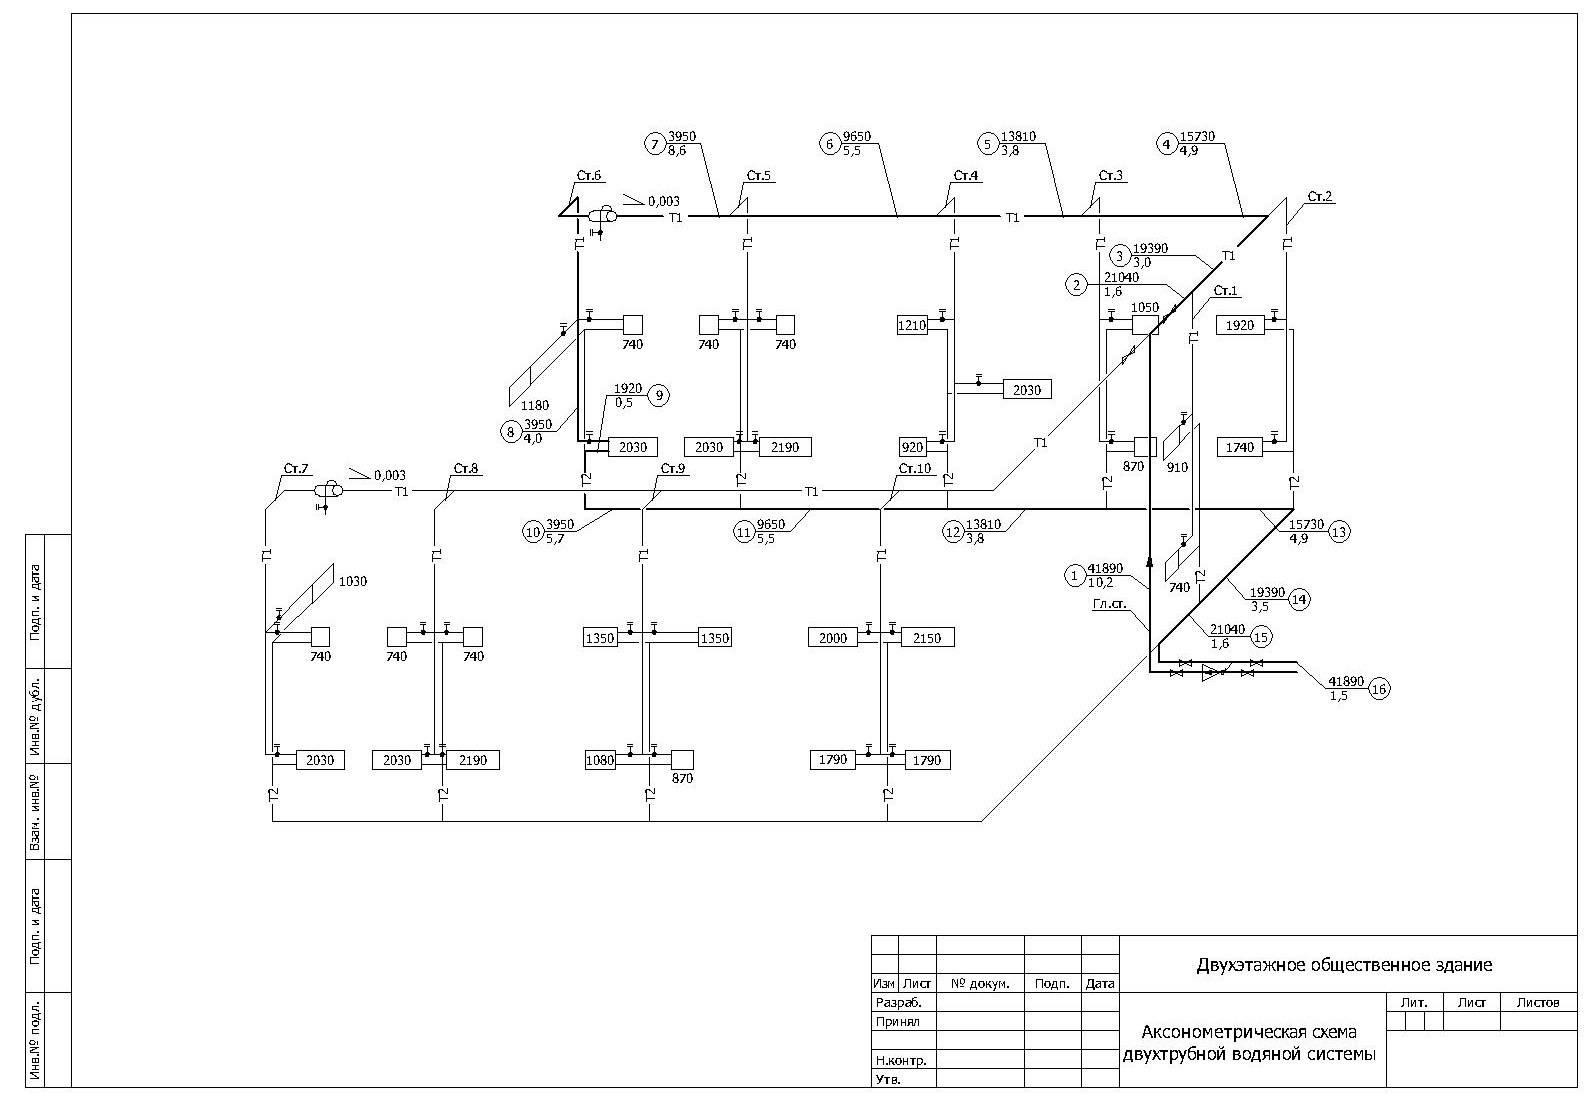 Как сделать гидравлический расчет системы отопления: постановка задачи, порядок выполнения расчета, ошибки и способы их исправления